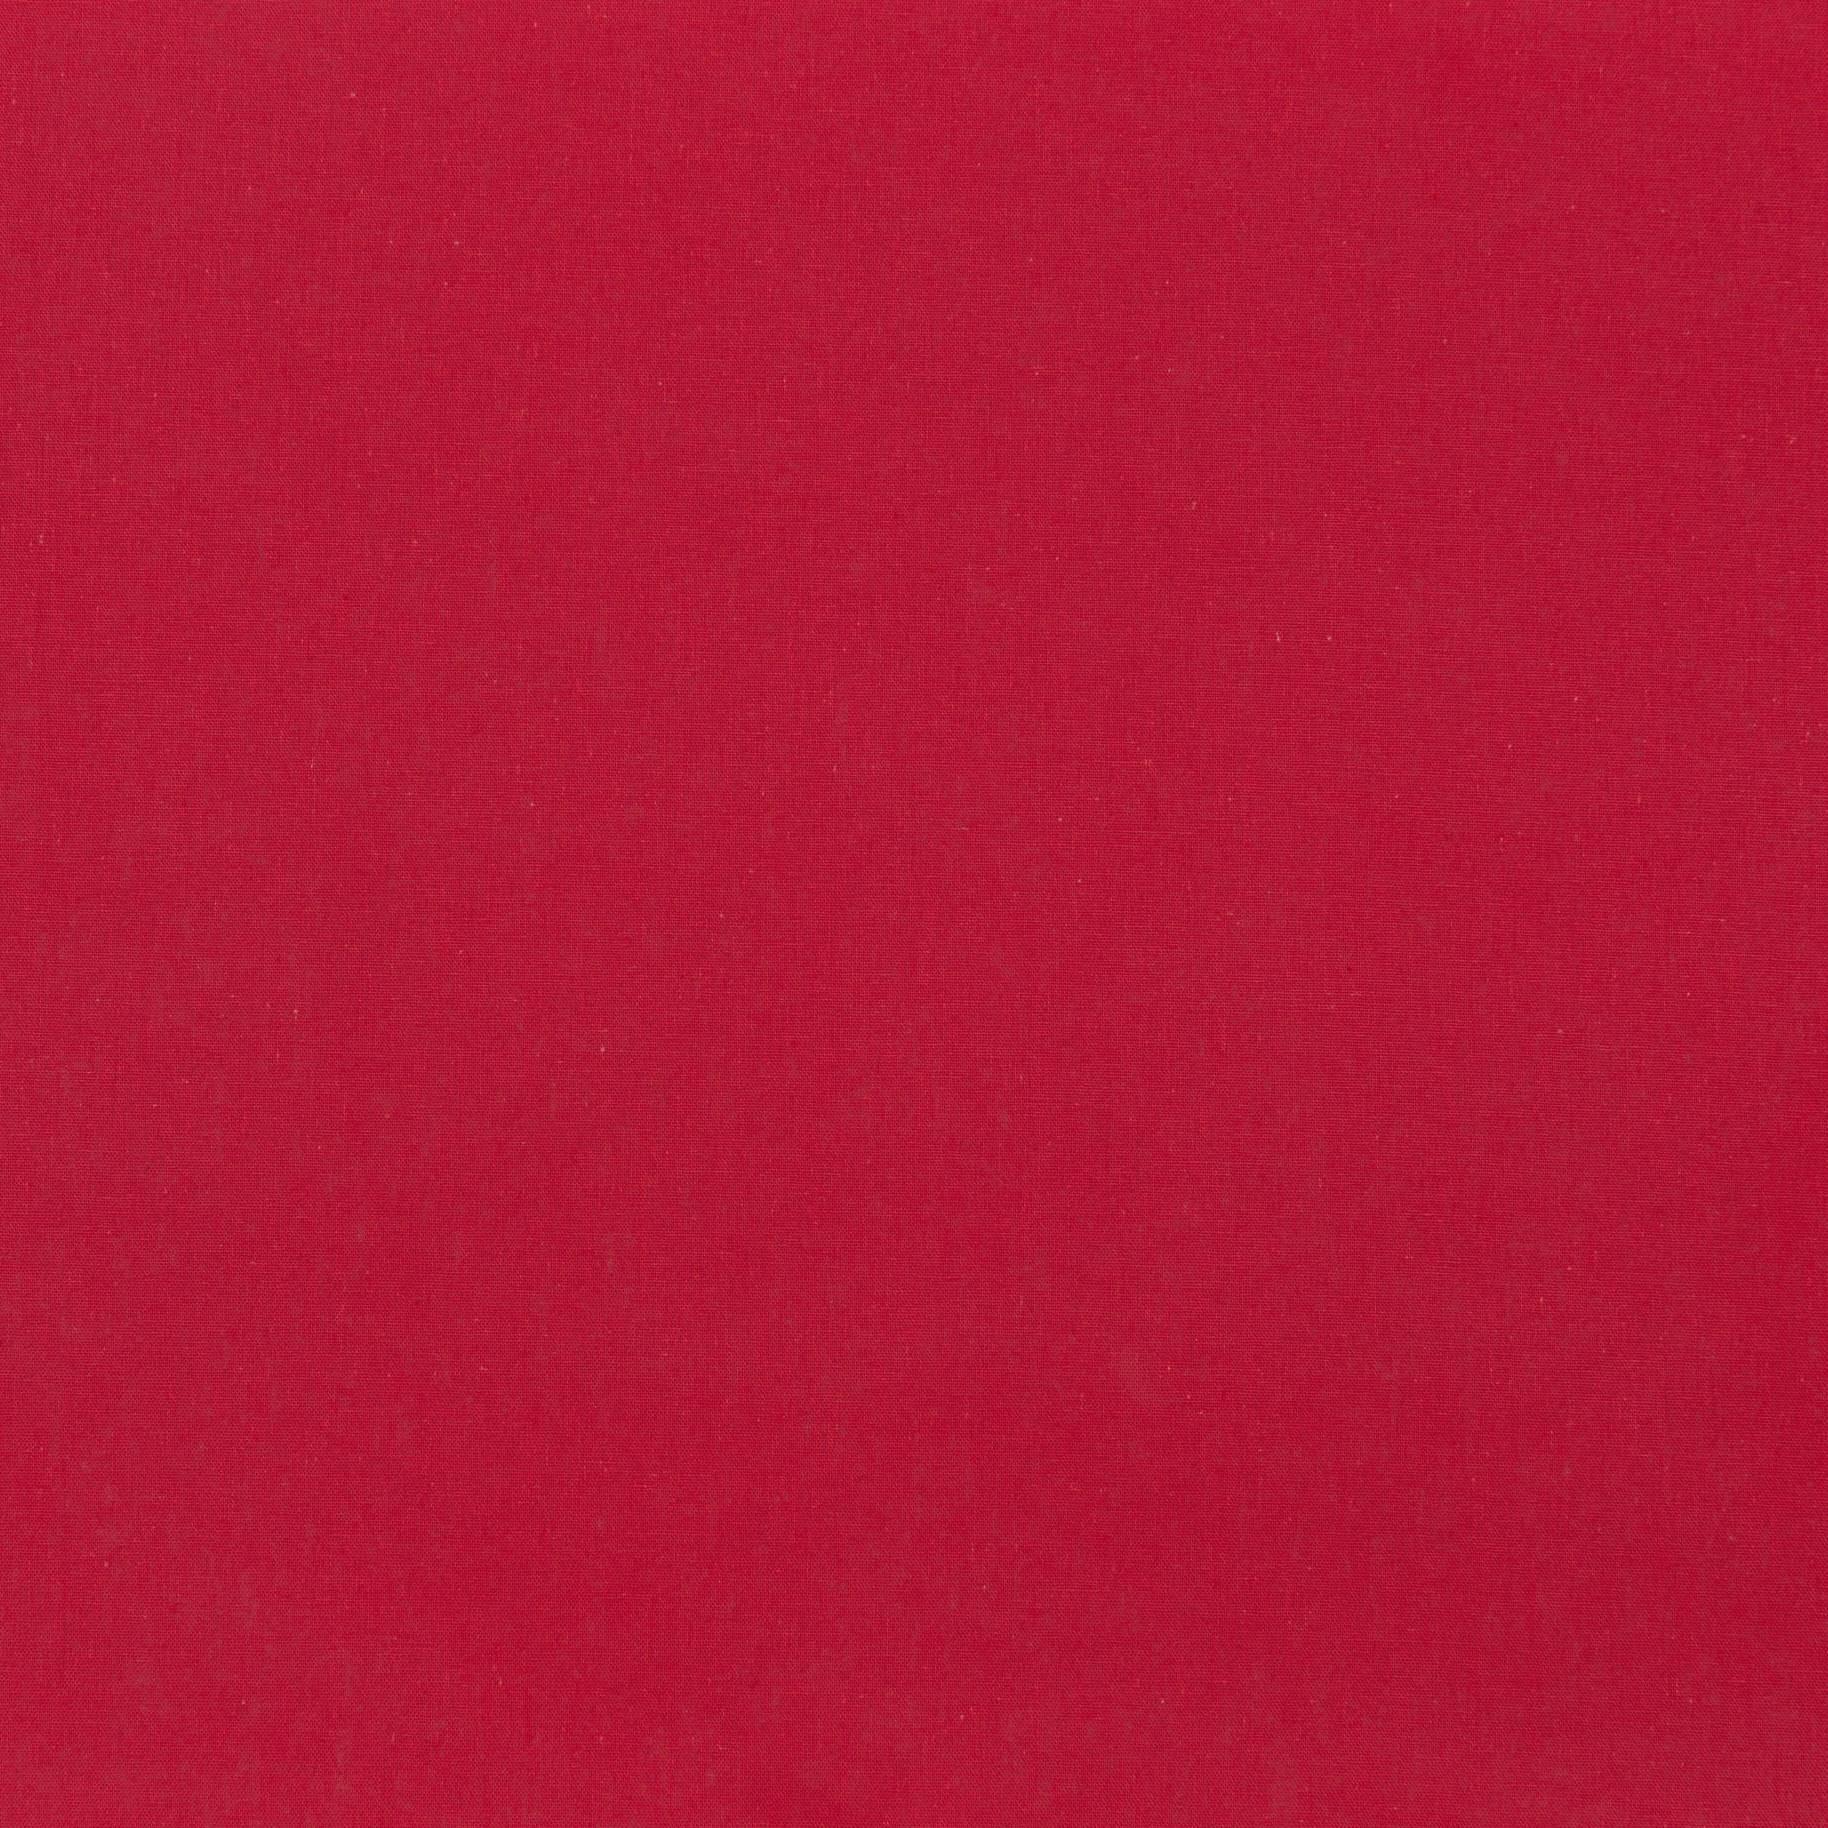 Бязь гладкокрашеная, красная, плотность 120, 50x55, хлопок 100%